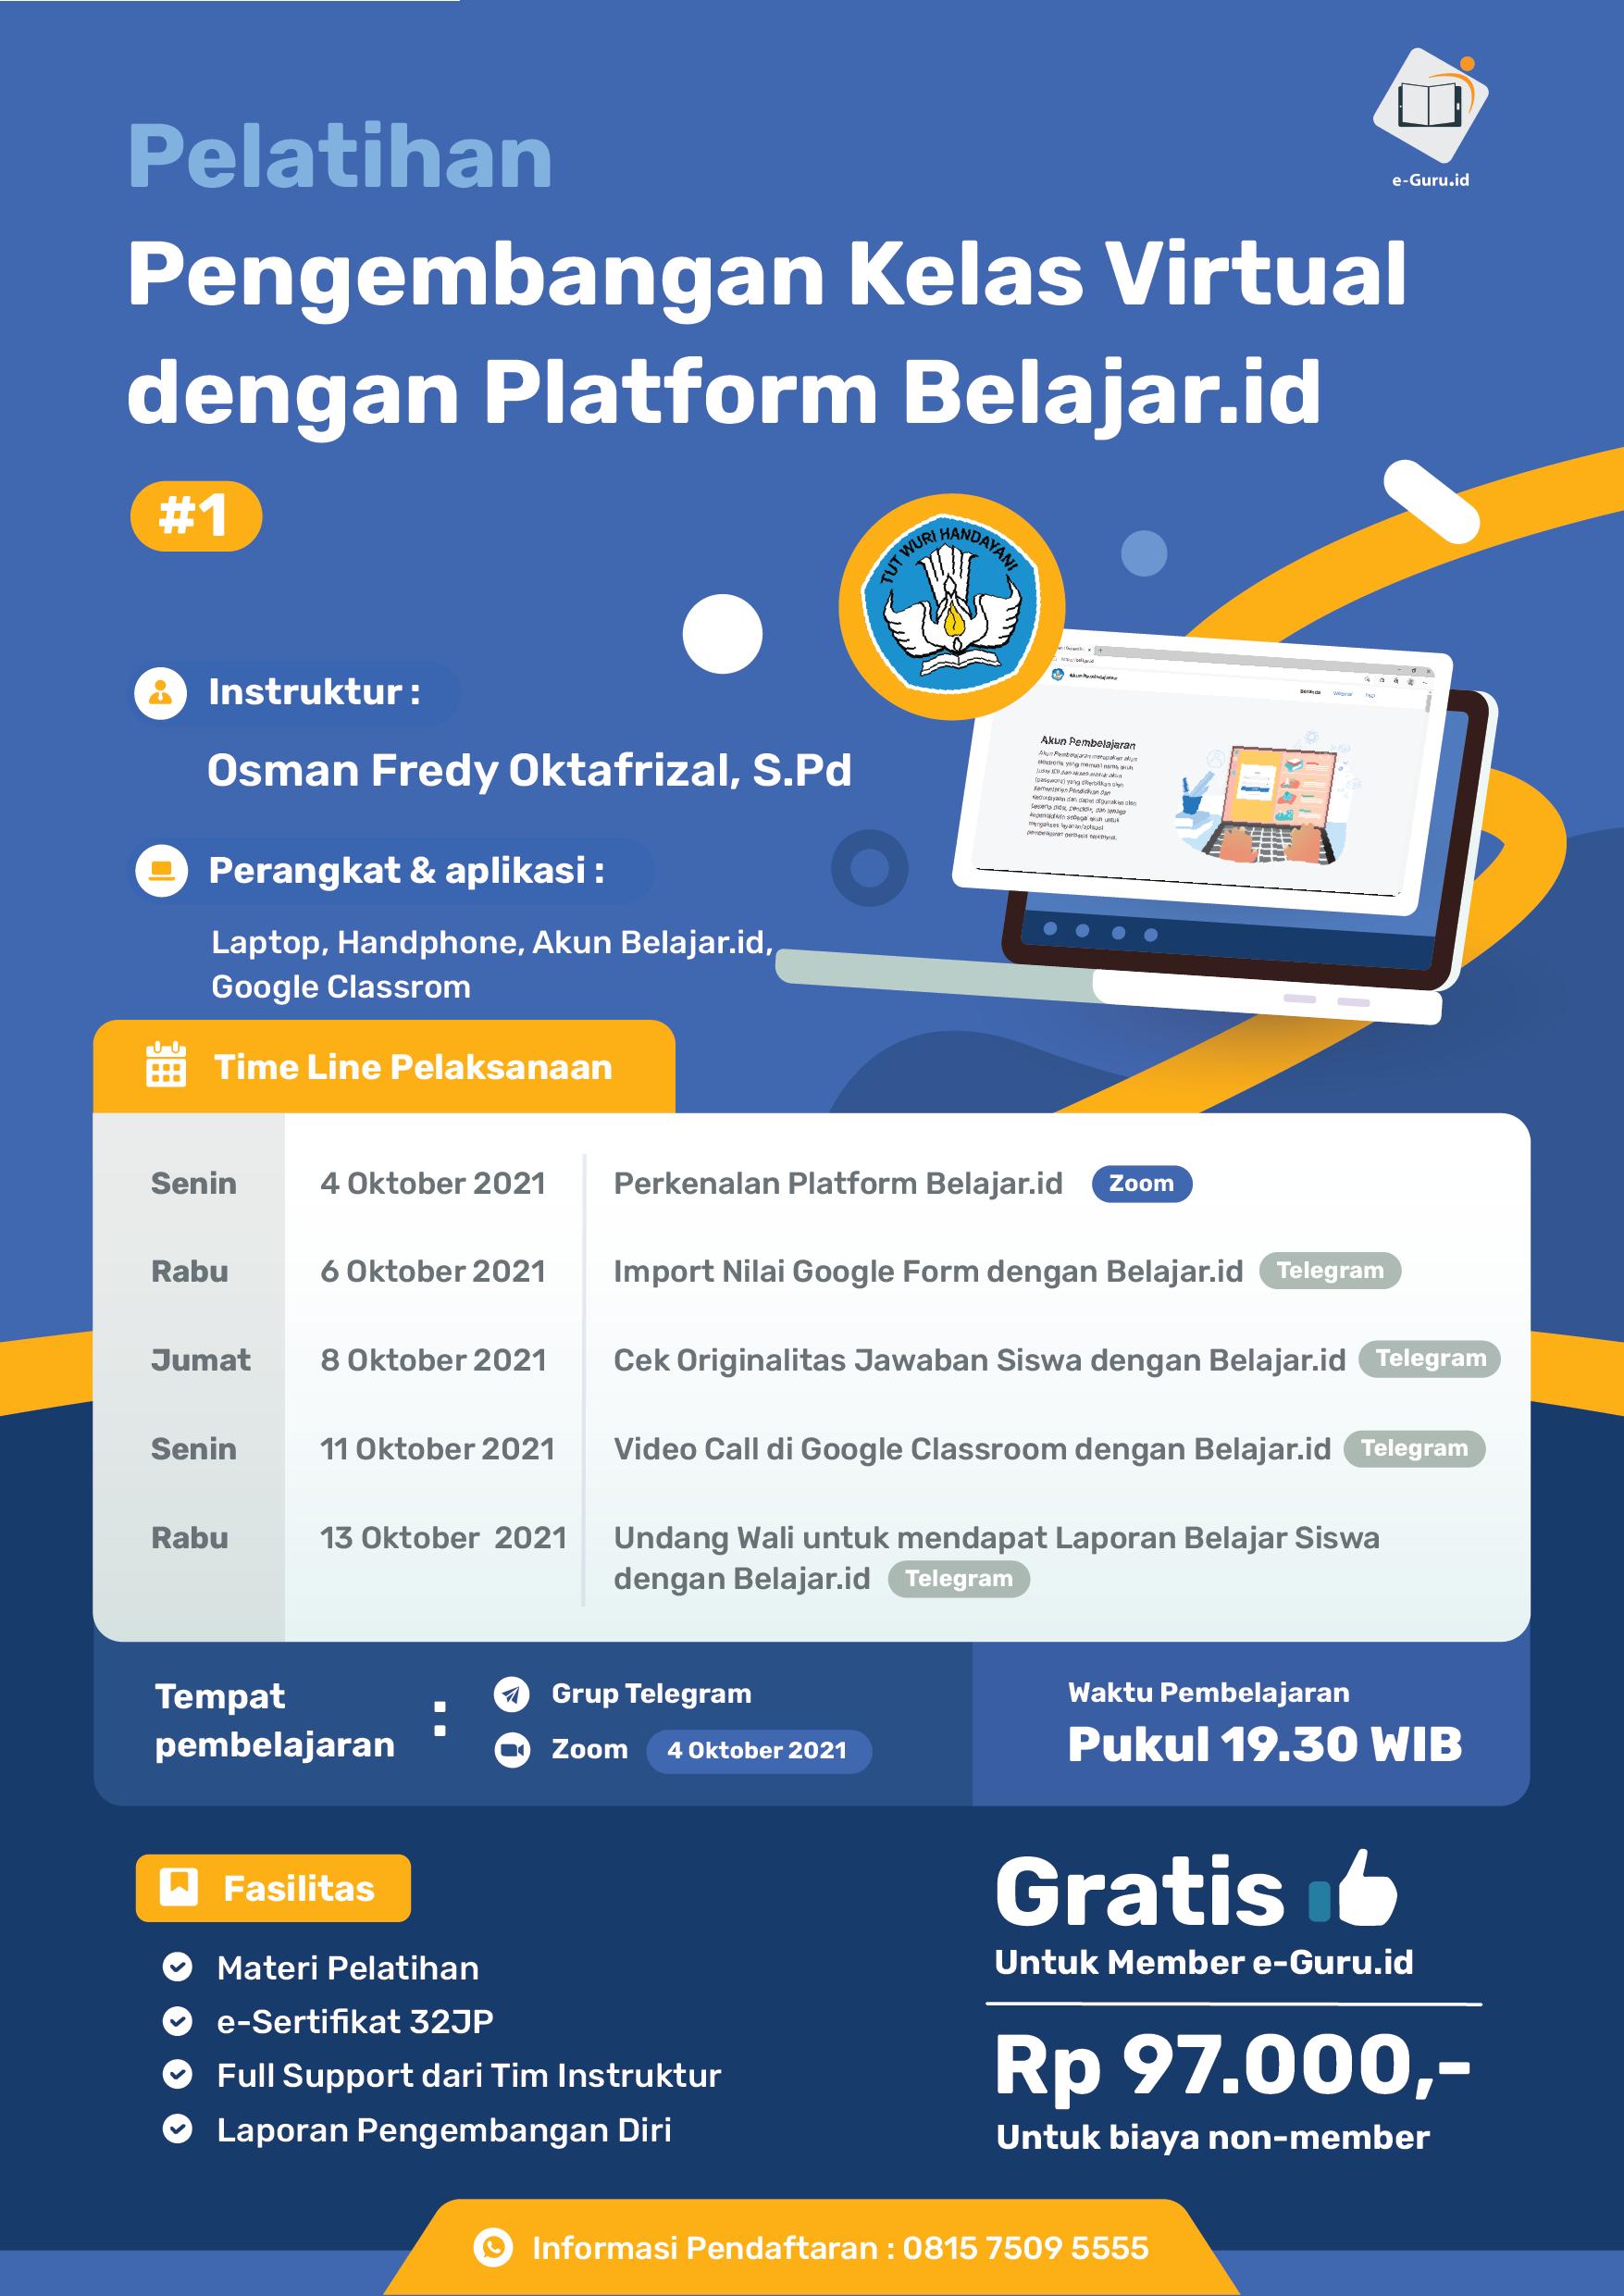 04. Pelatihan Pengembangan Kelas Virtual dengan Platform Belajar.id-02